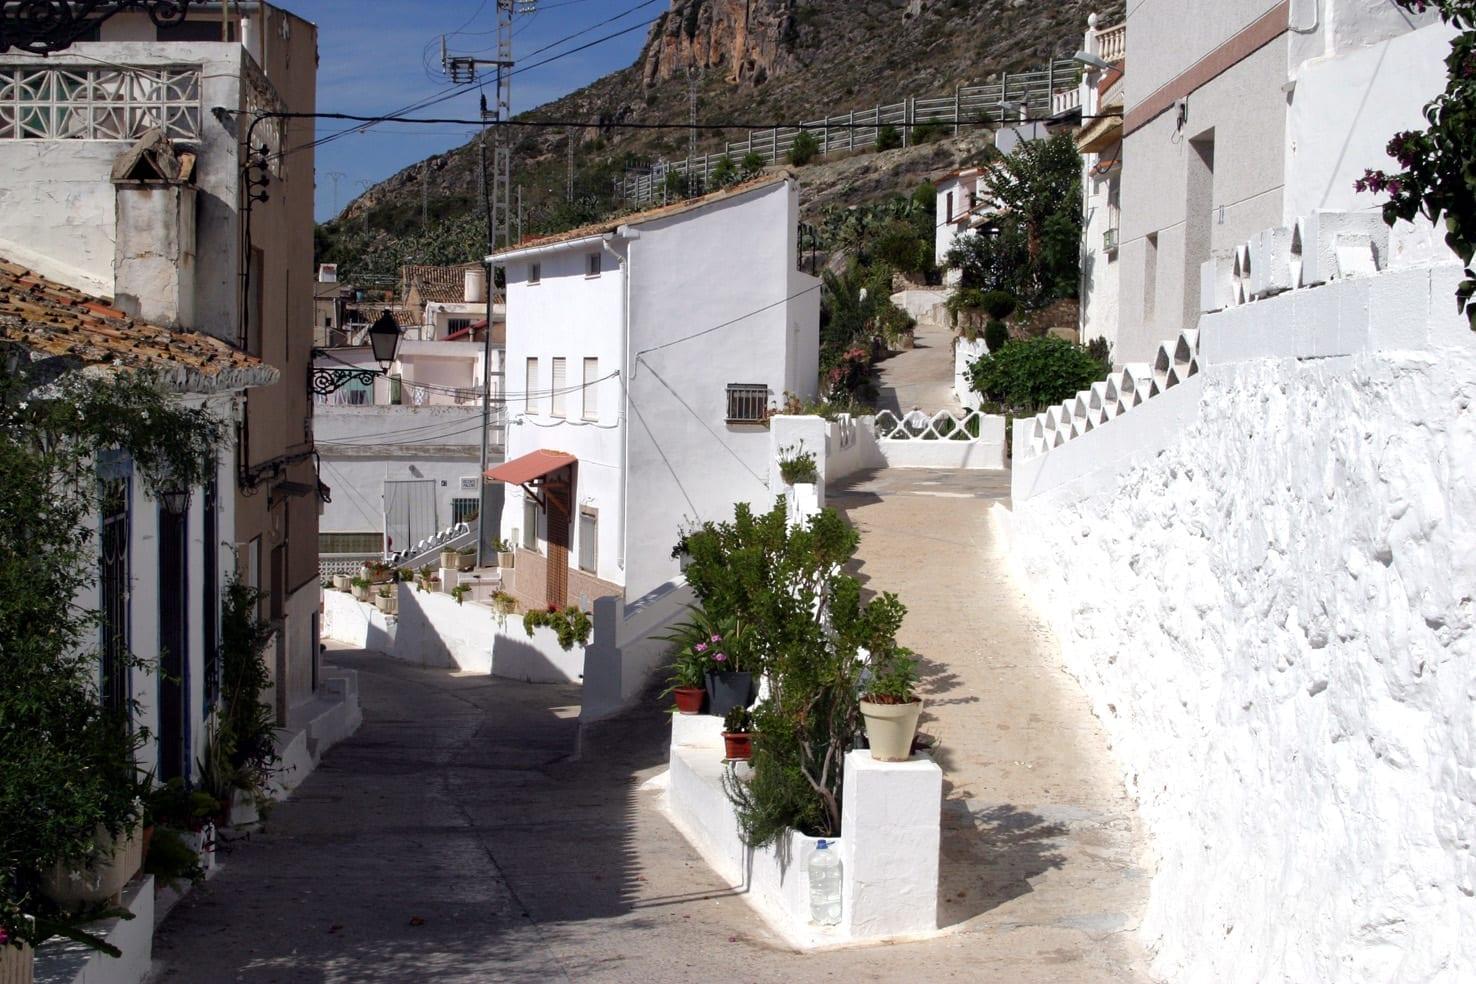 Barri Pou, el viejo barrio árabe Cullera España